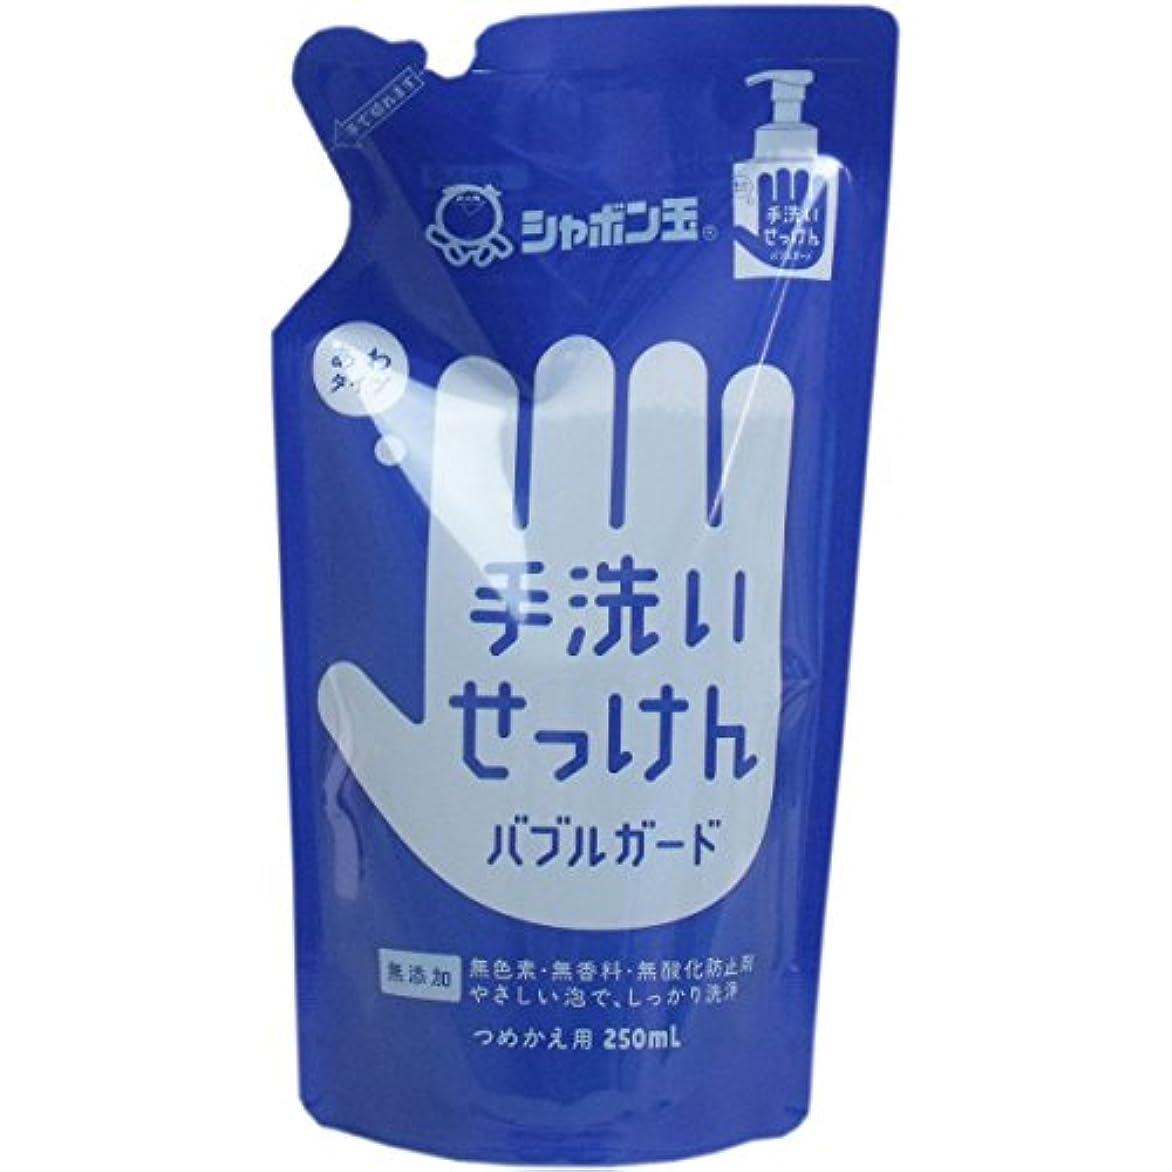 吐き出す死にかけている出発シャボン玉石けん 手洗いせっけん バブルガード 詰め替え用 250ml 【12個セット】